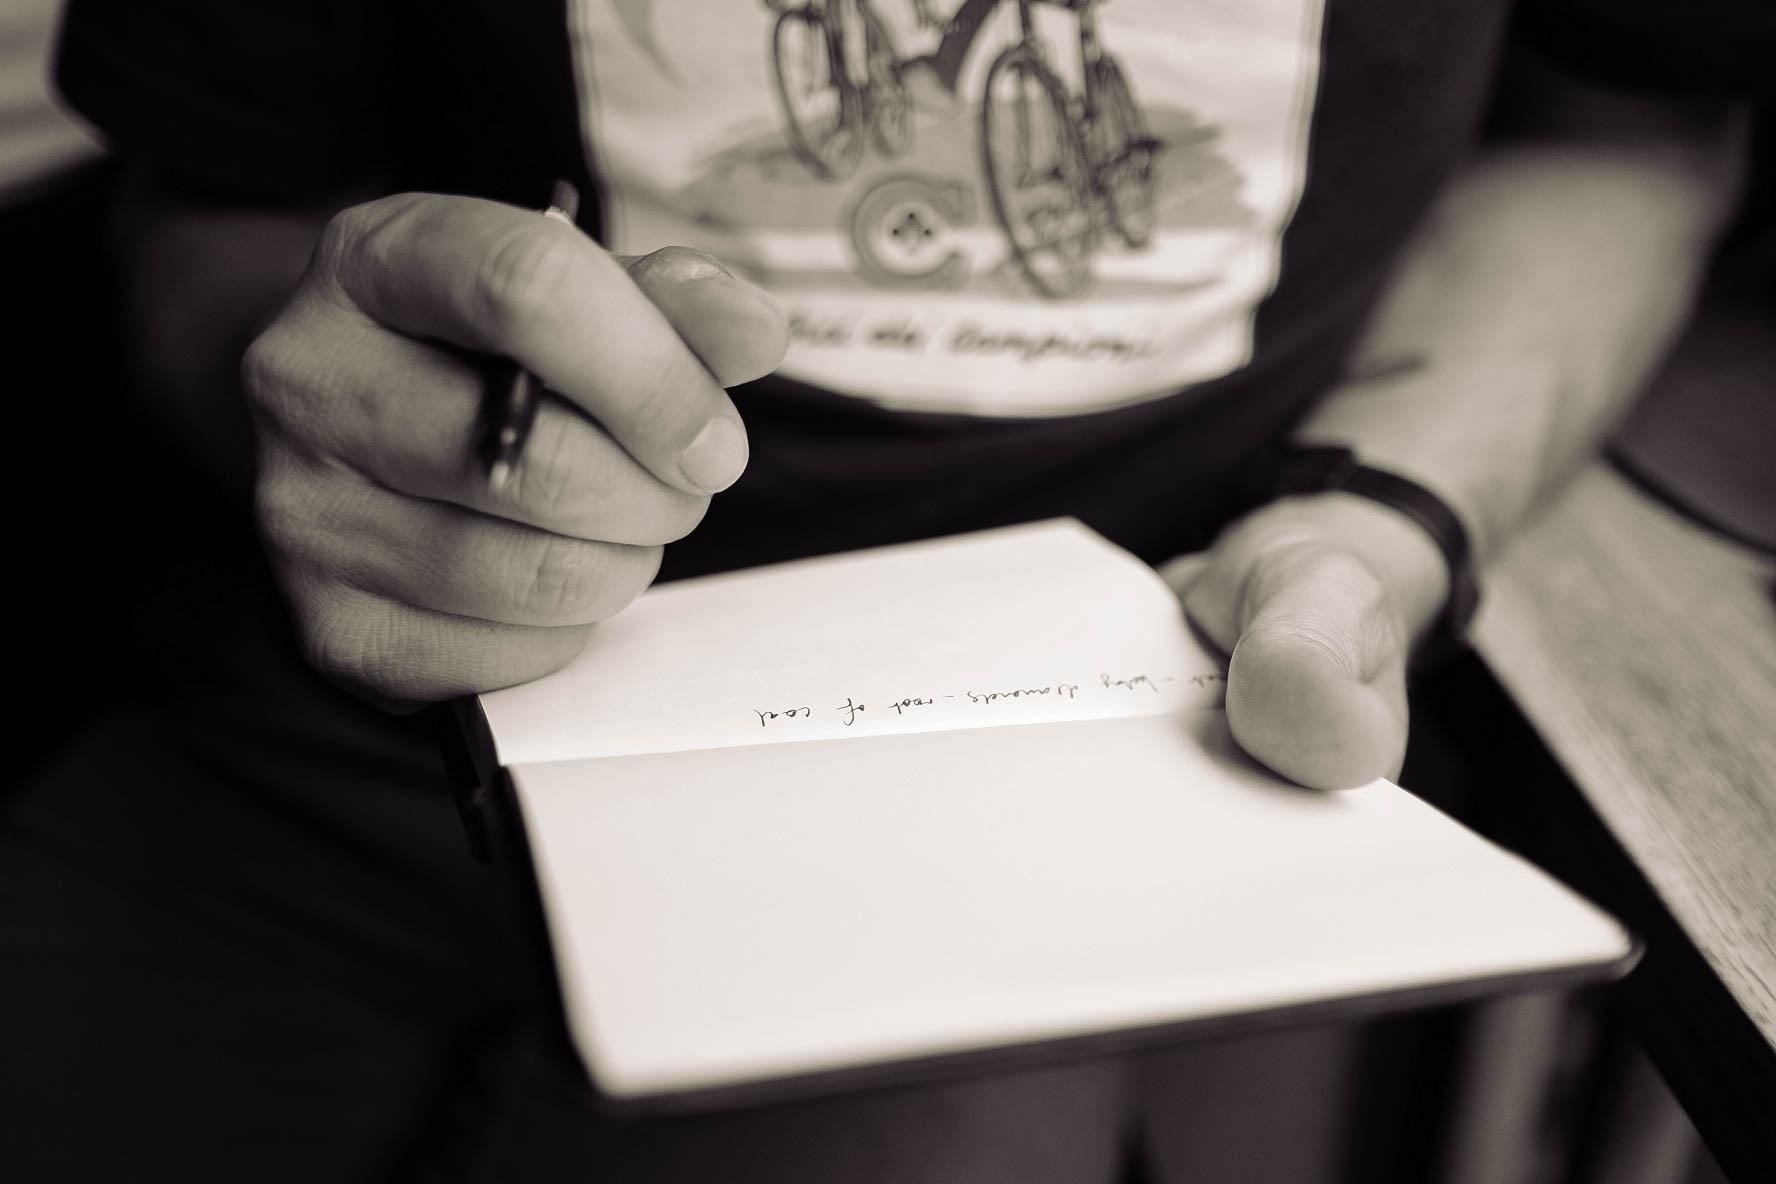 Afbeelding handen die schrijven